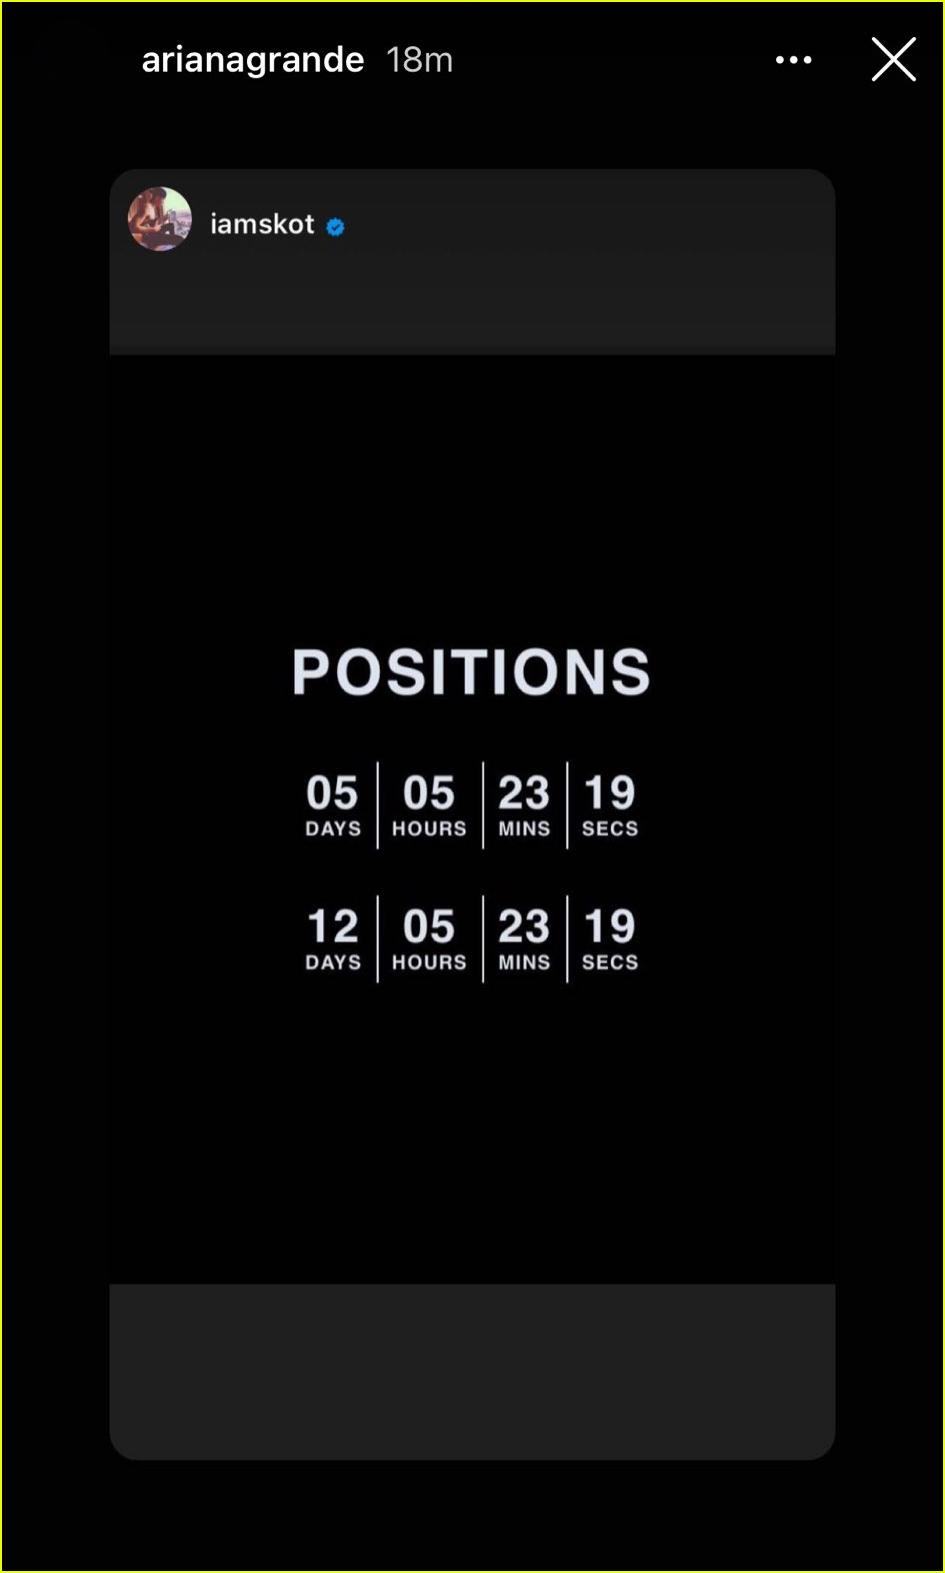 ariana grande positions album title